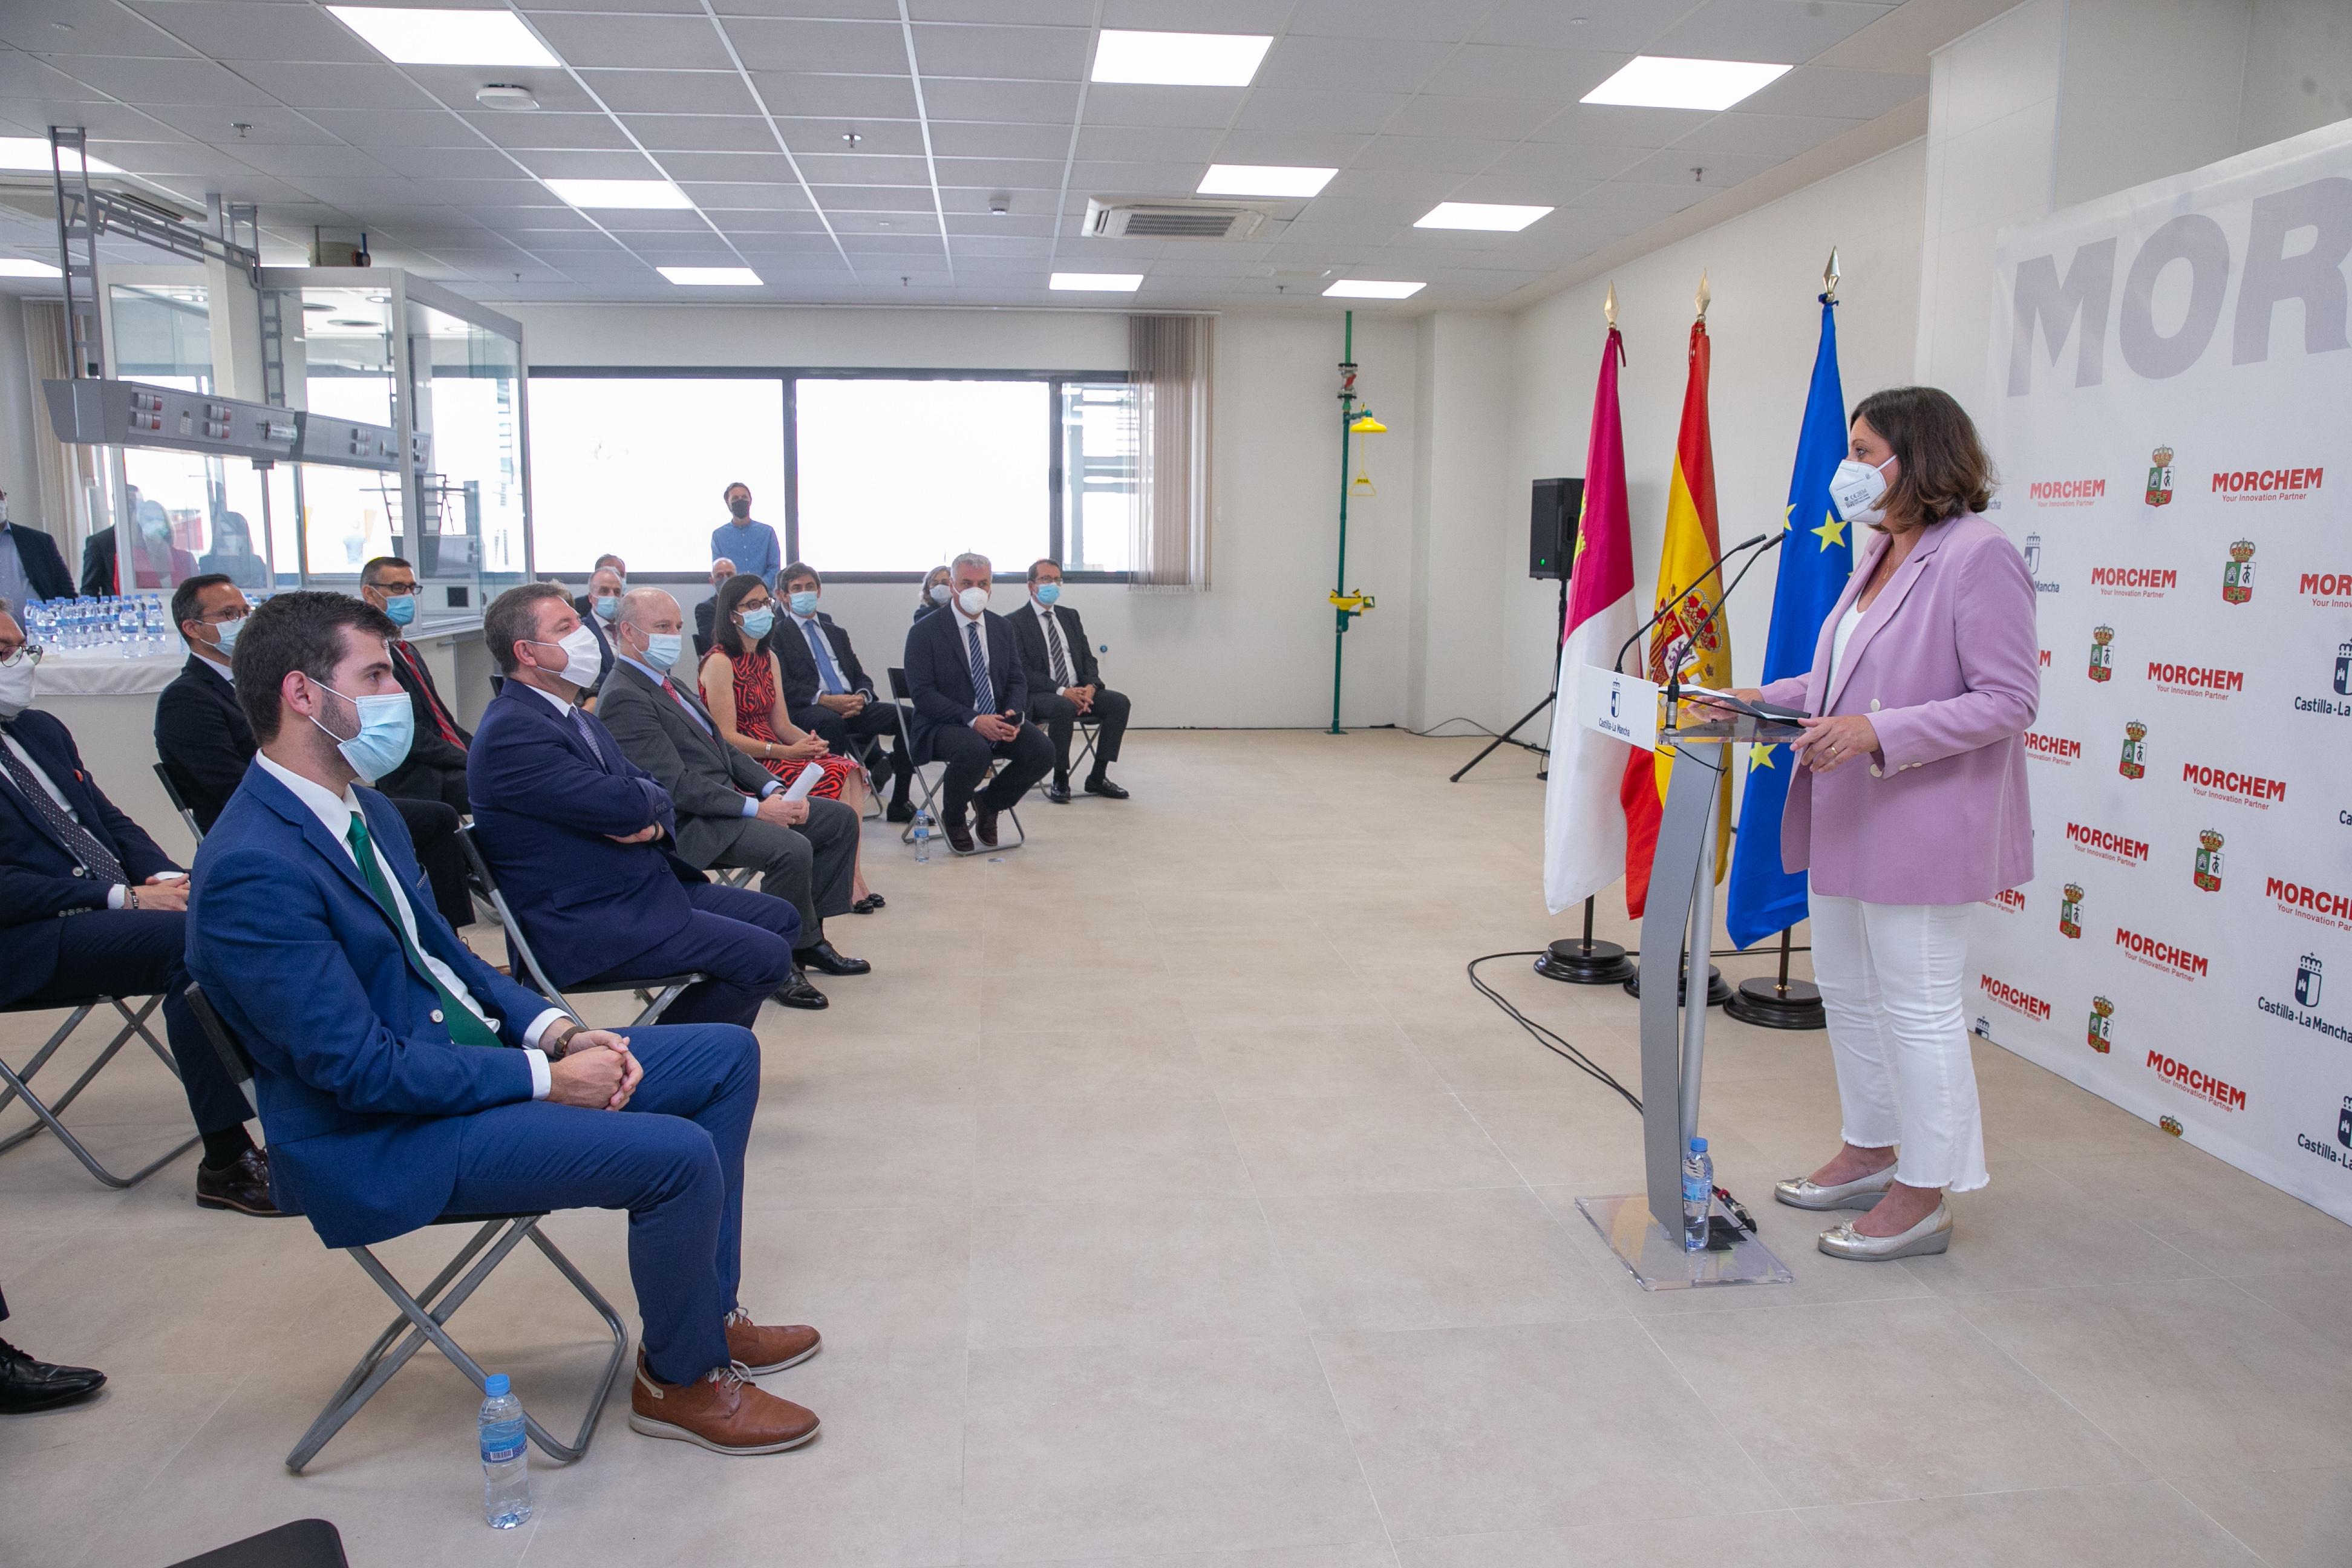 El presidente de Castilla-La Mancha, Emiliano García-Page, inaugura la planta de Morchem (Economía)